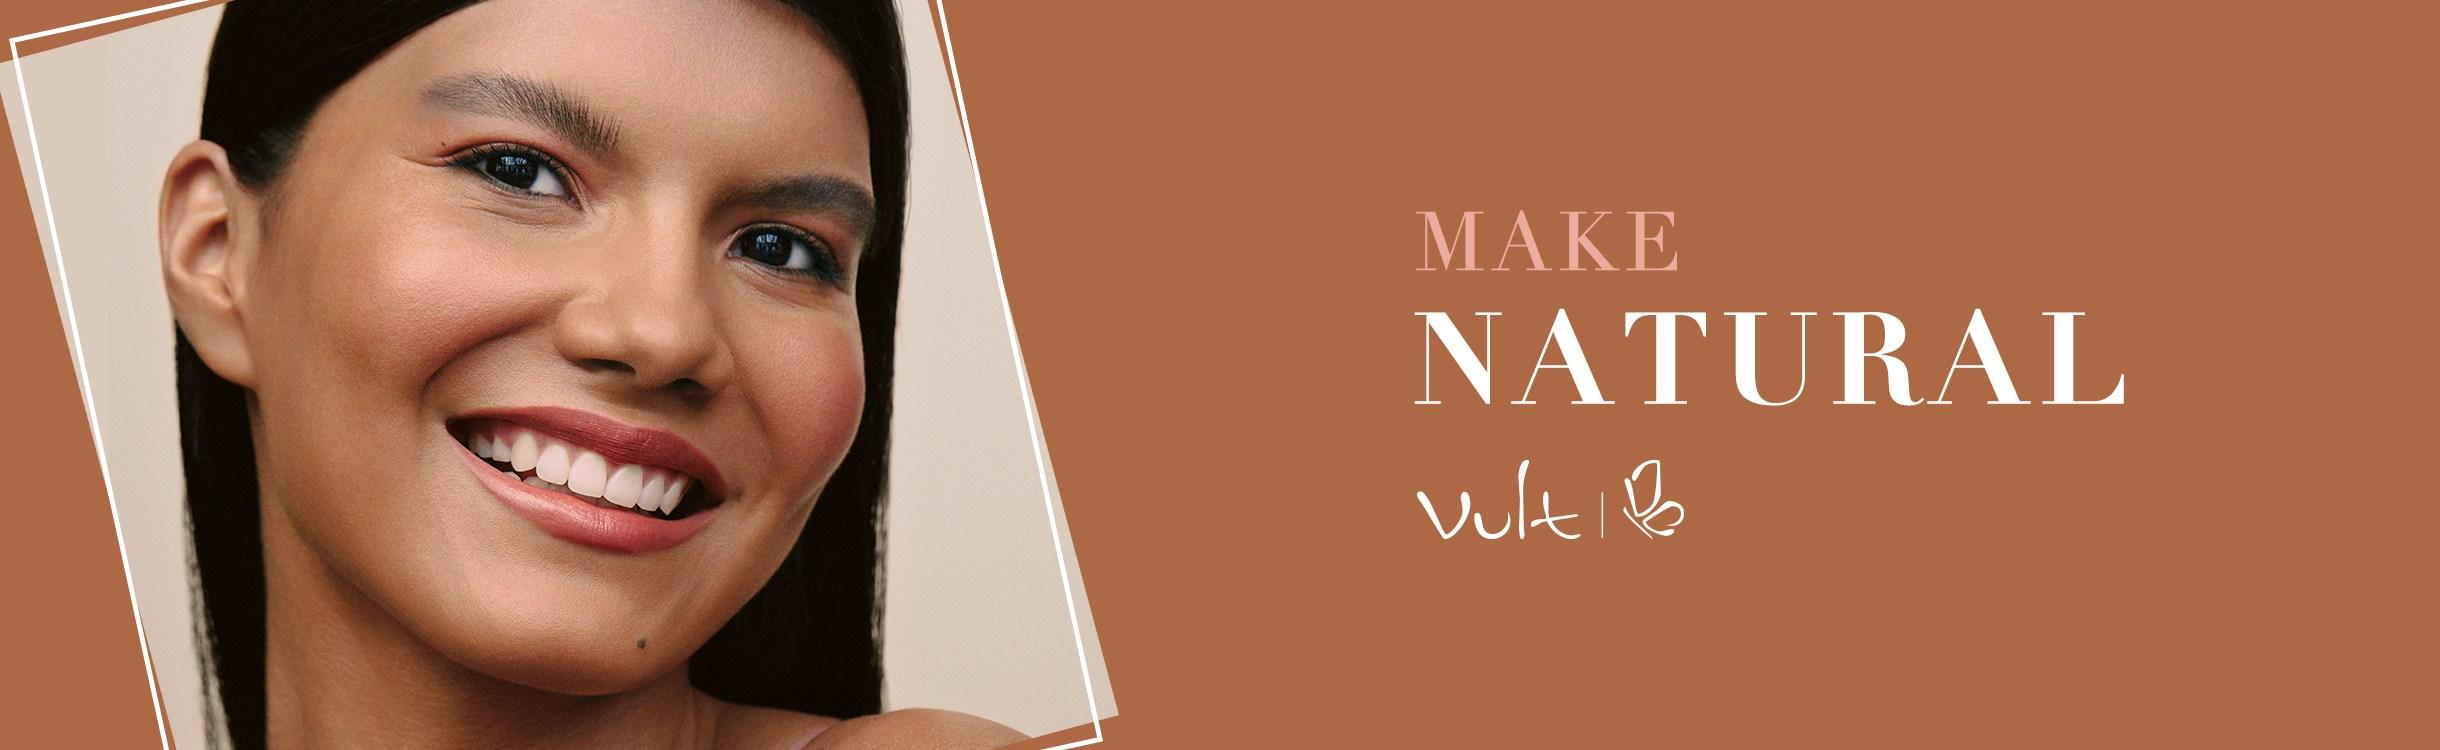 Make Natural Vult